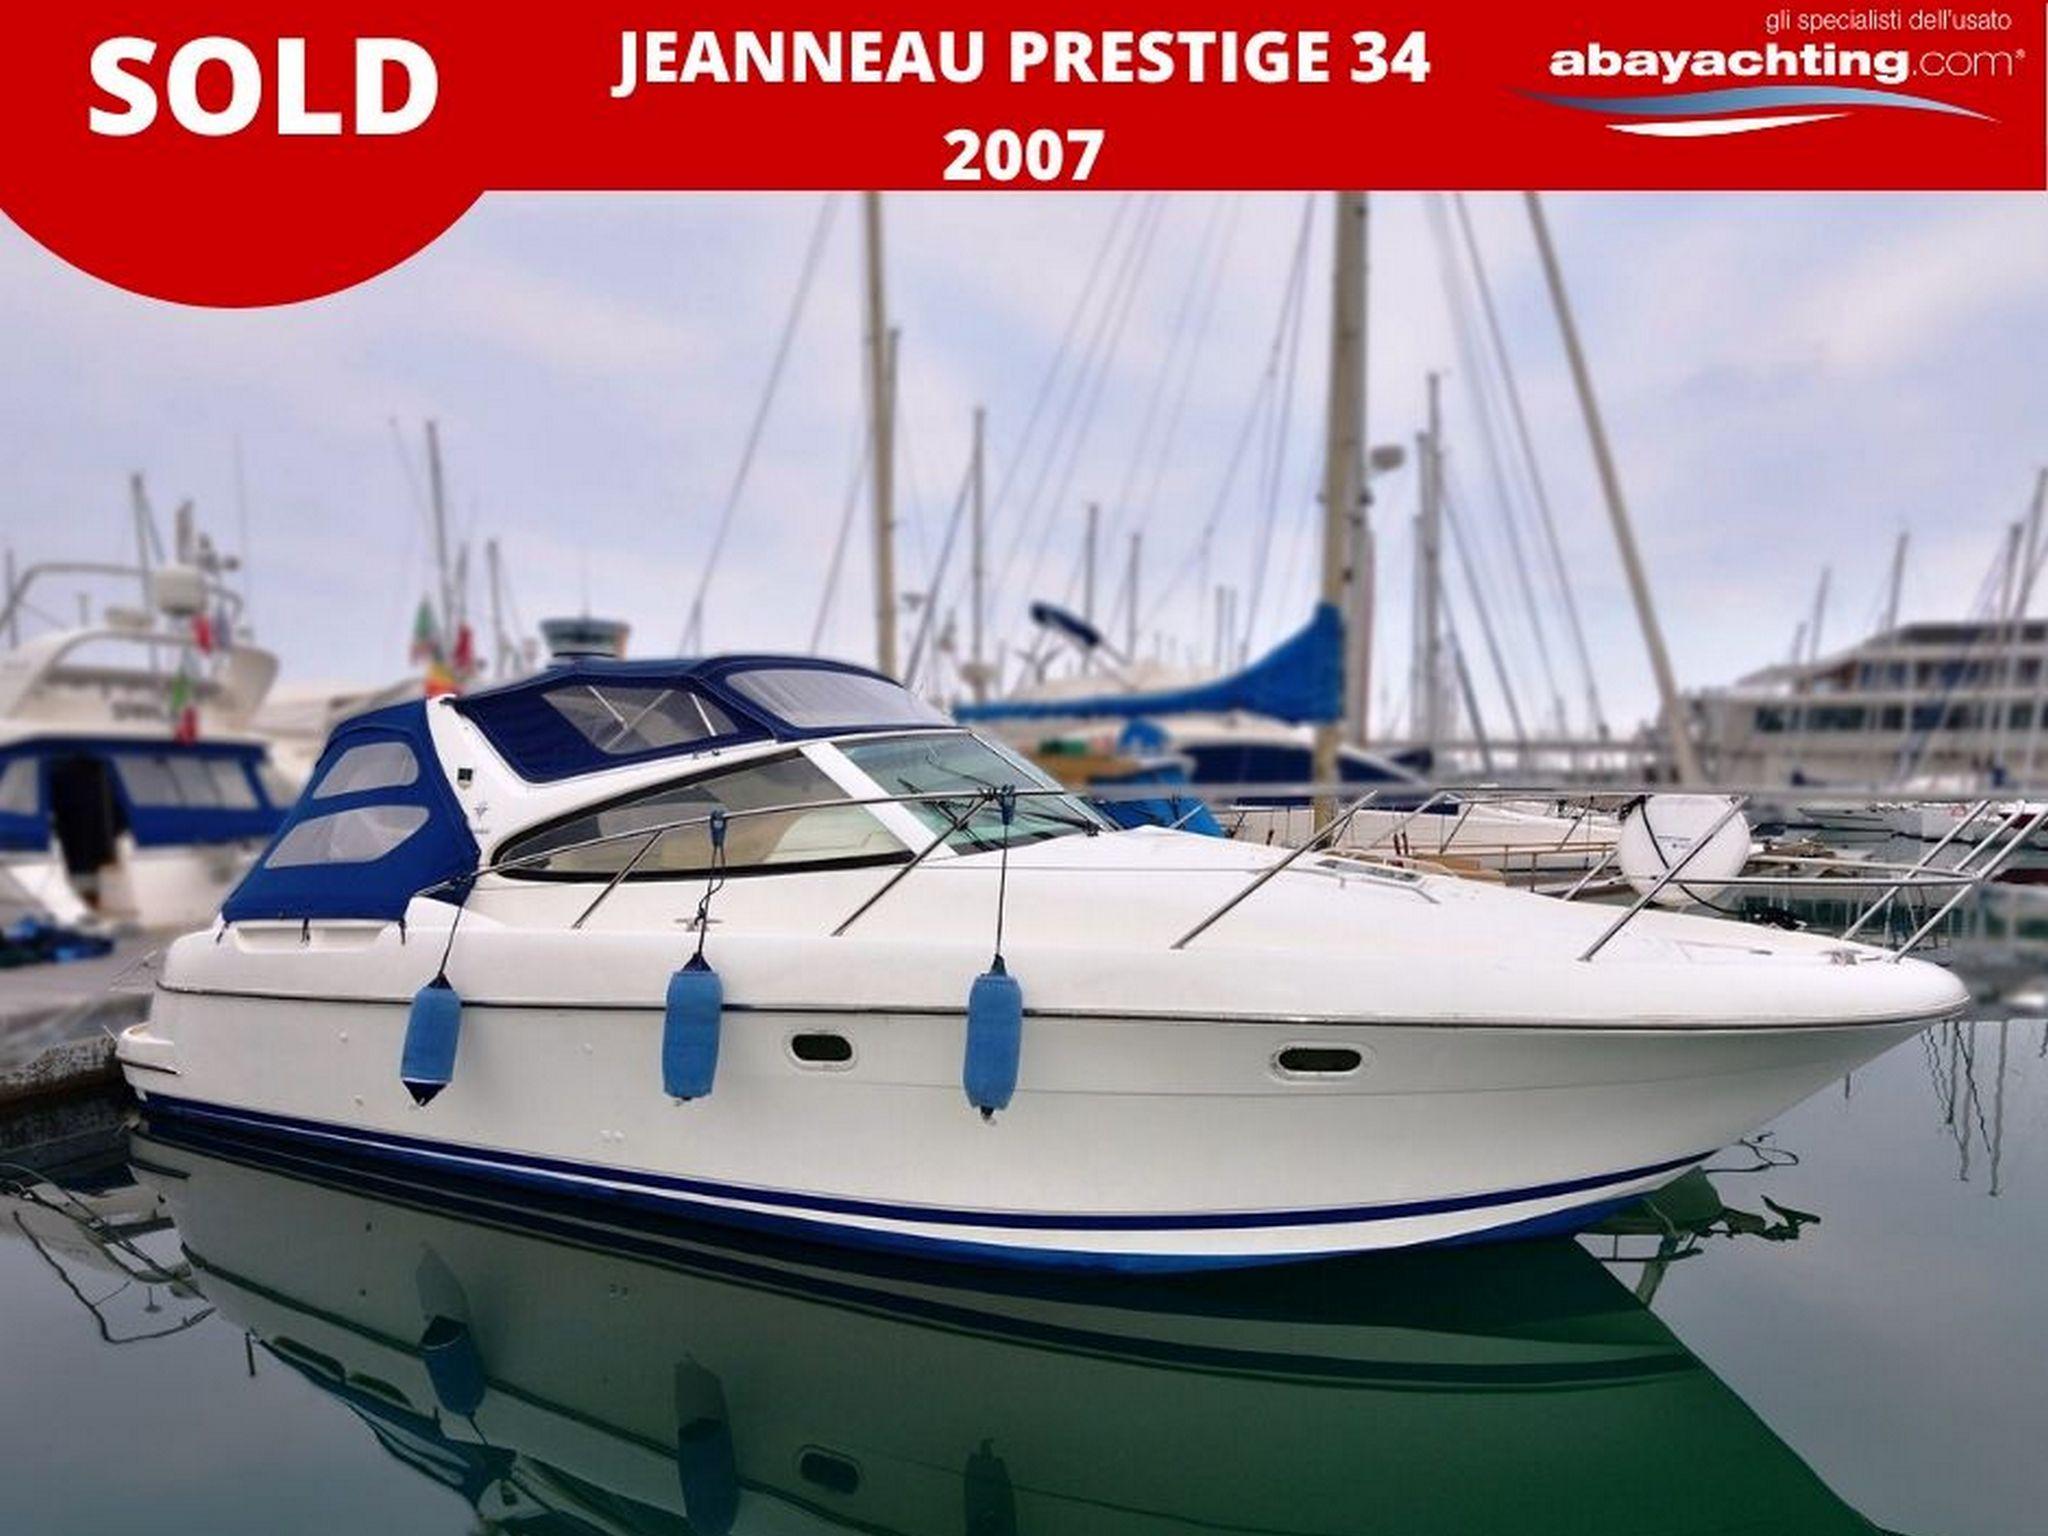 Jeanneau Prestige 34 sold